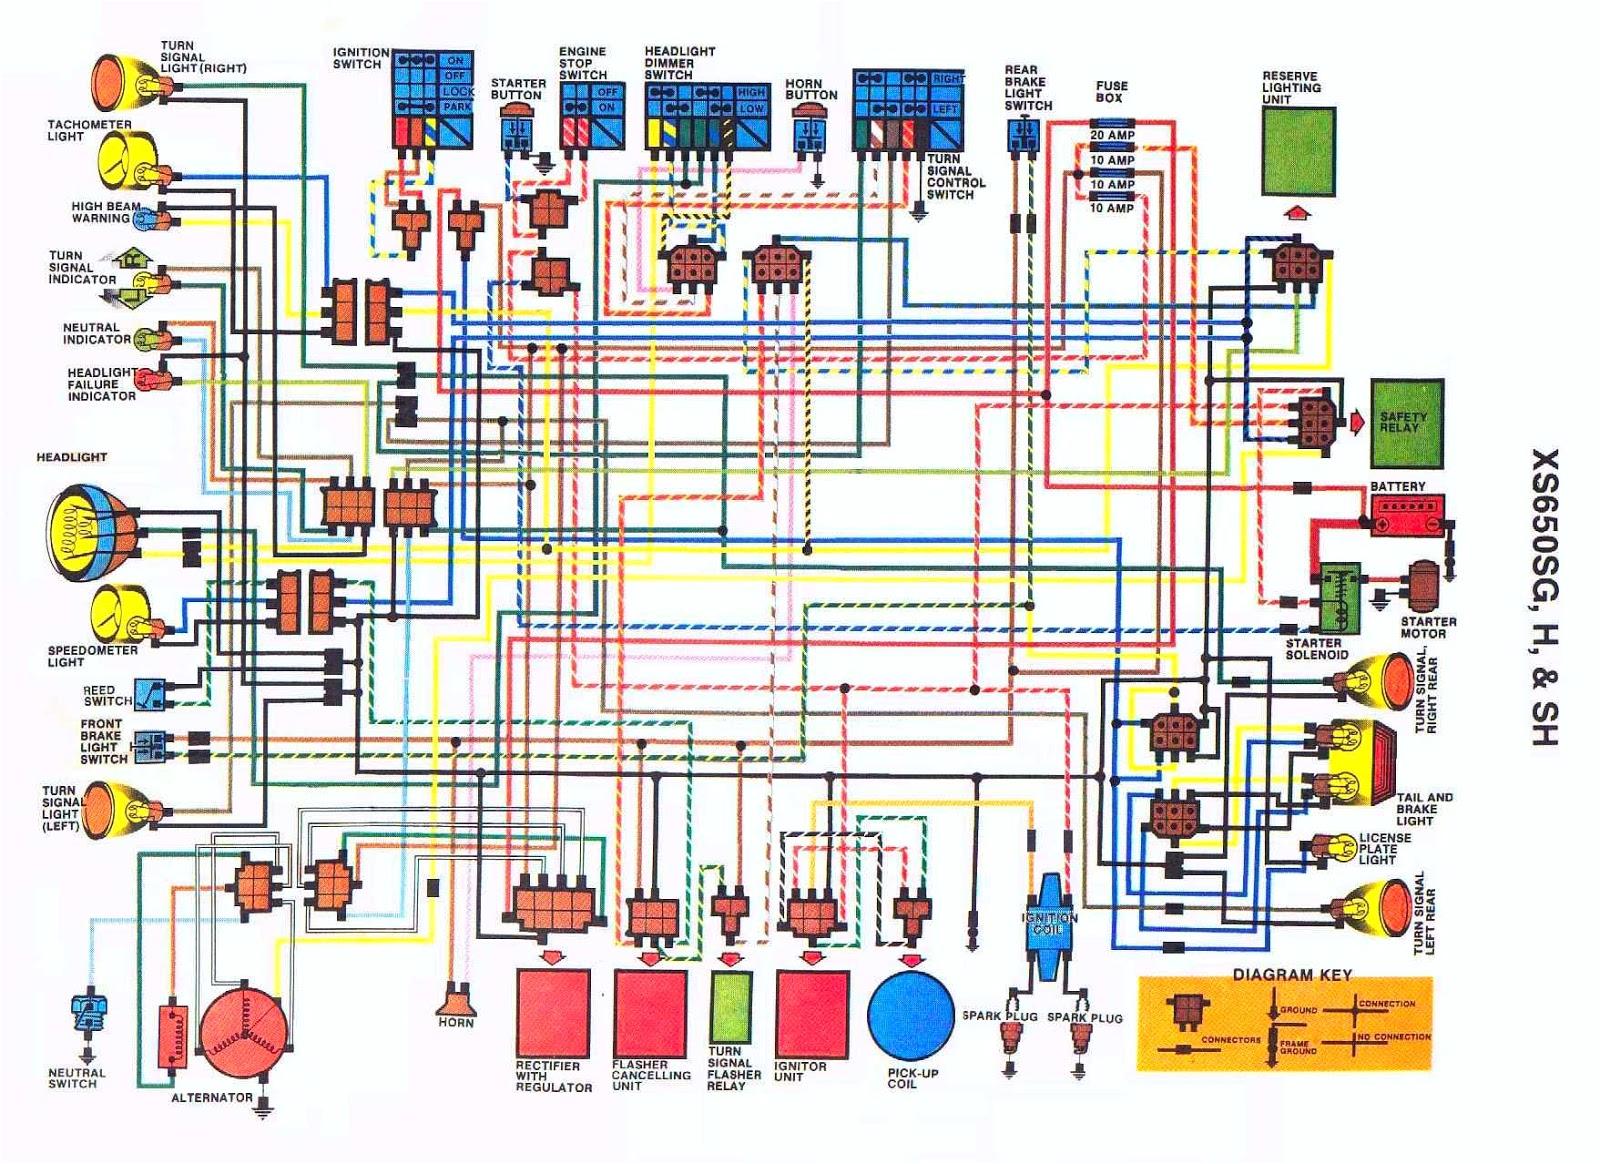 yamaha xs650 wiring diagram jpg